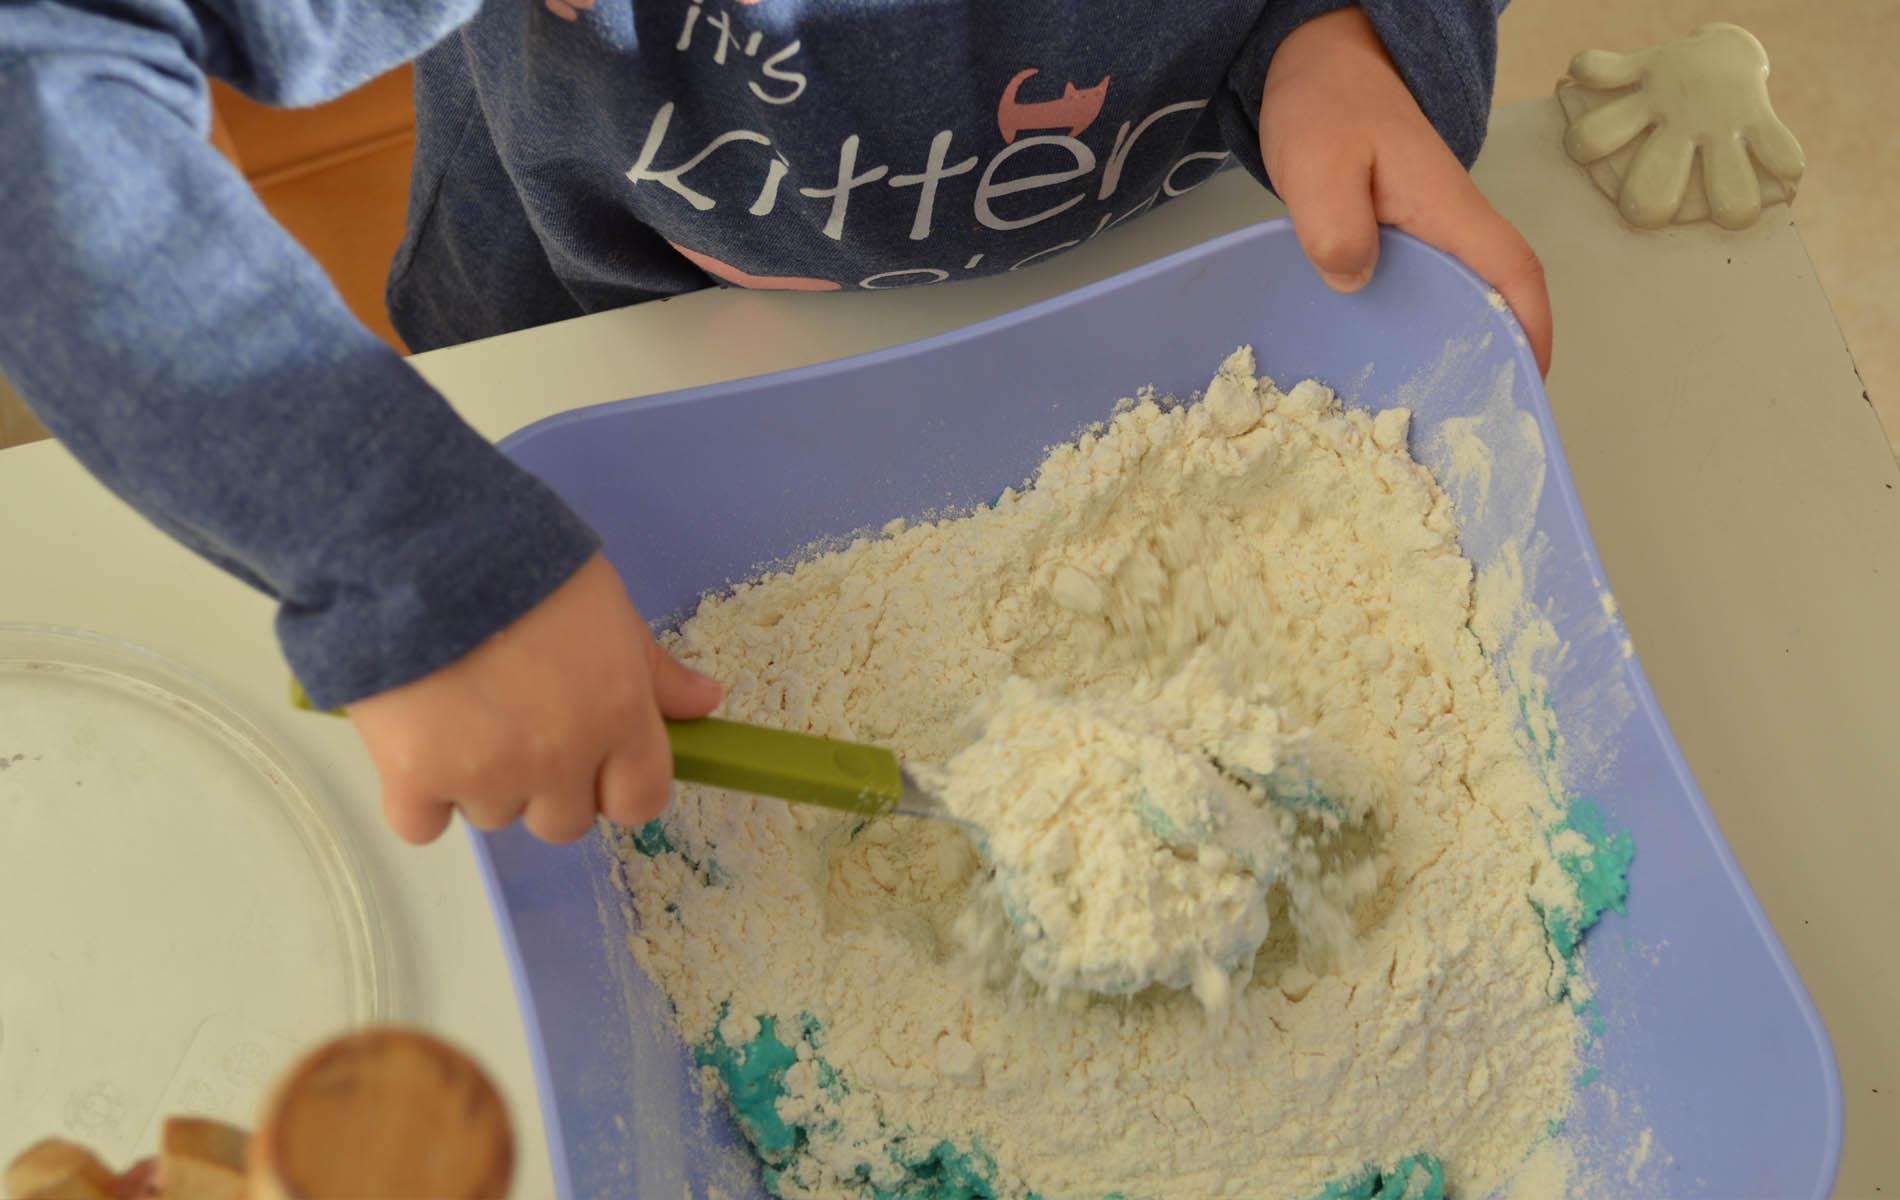 preparazione-pastella